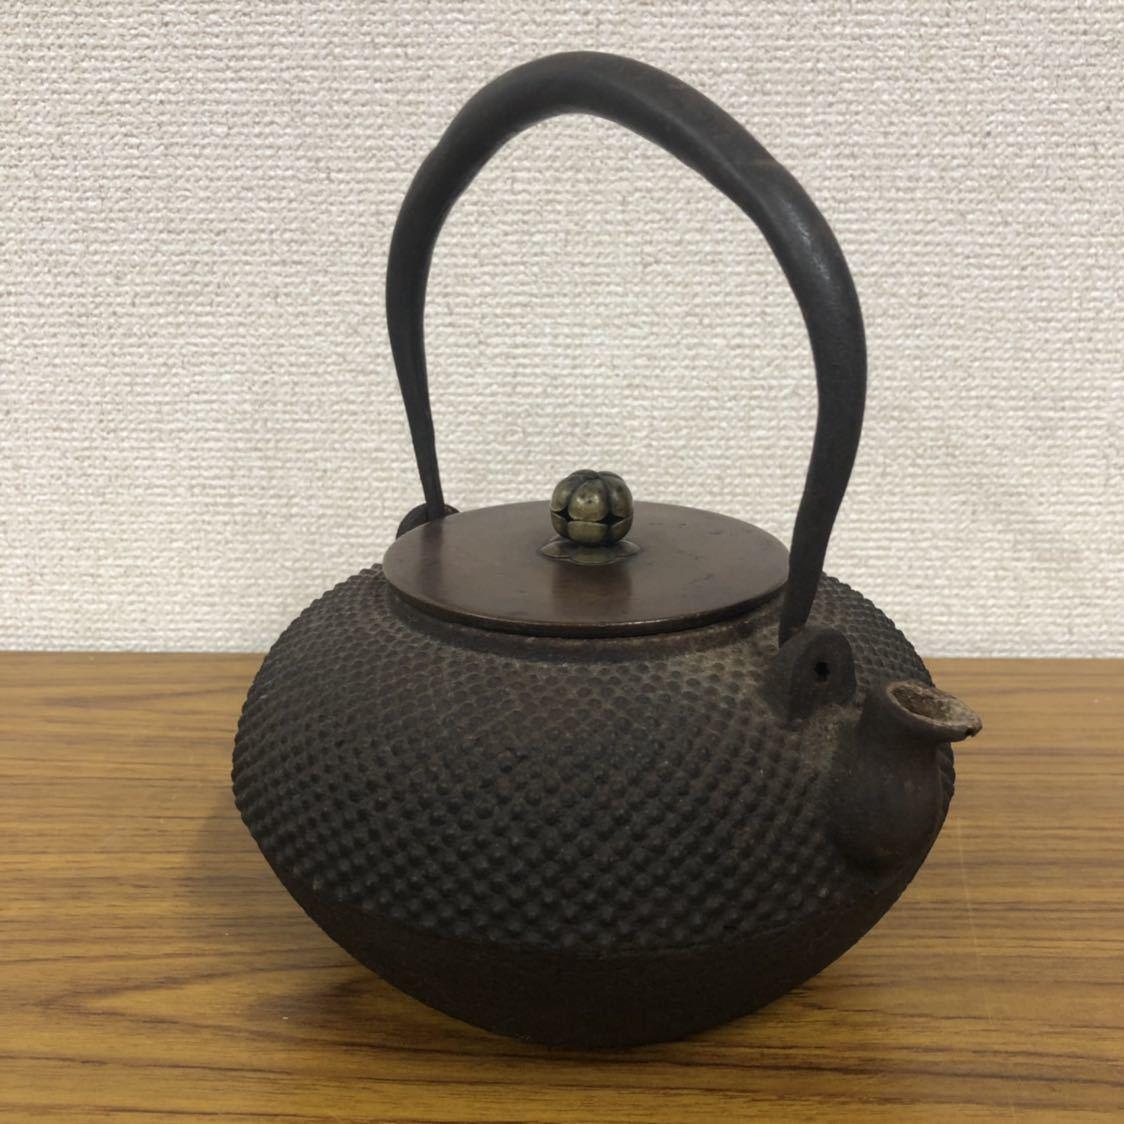 祥雲堂造 斑紫銅蓋霰地紋平丸鉄瓶 煎茶道具